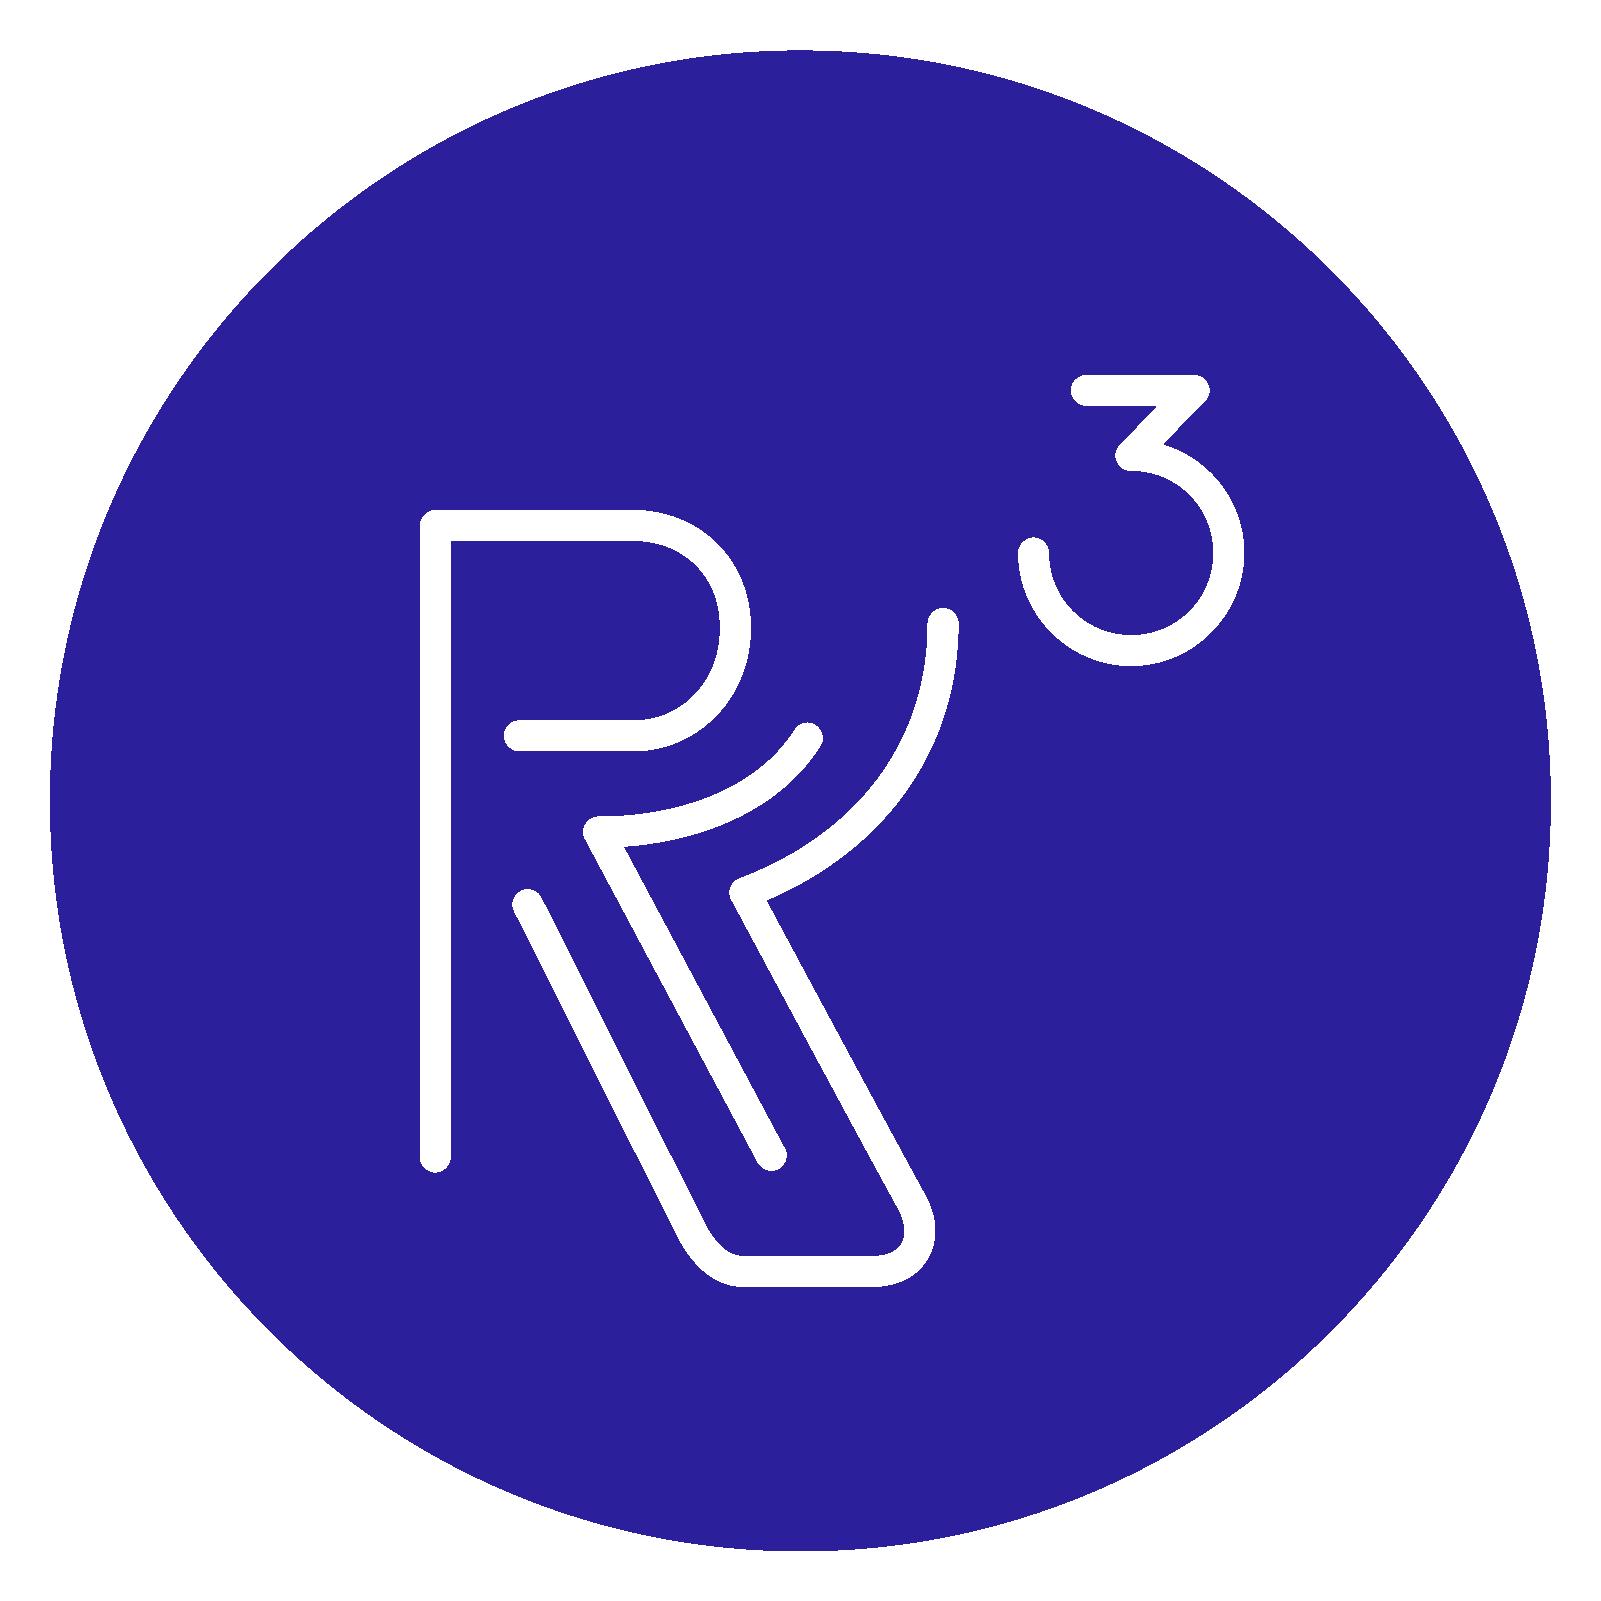 R3_logo_icon_dot_indigo.png